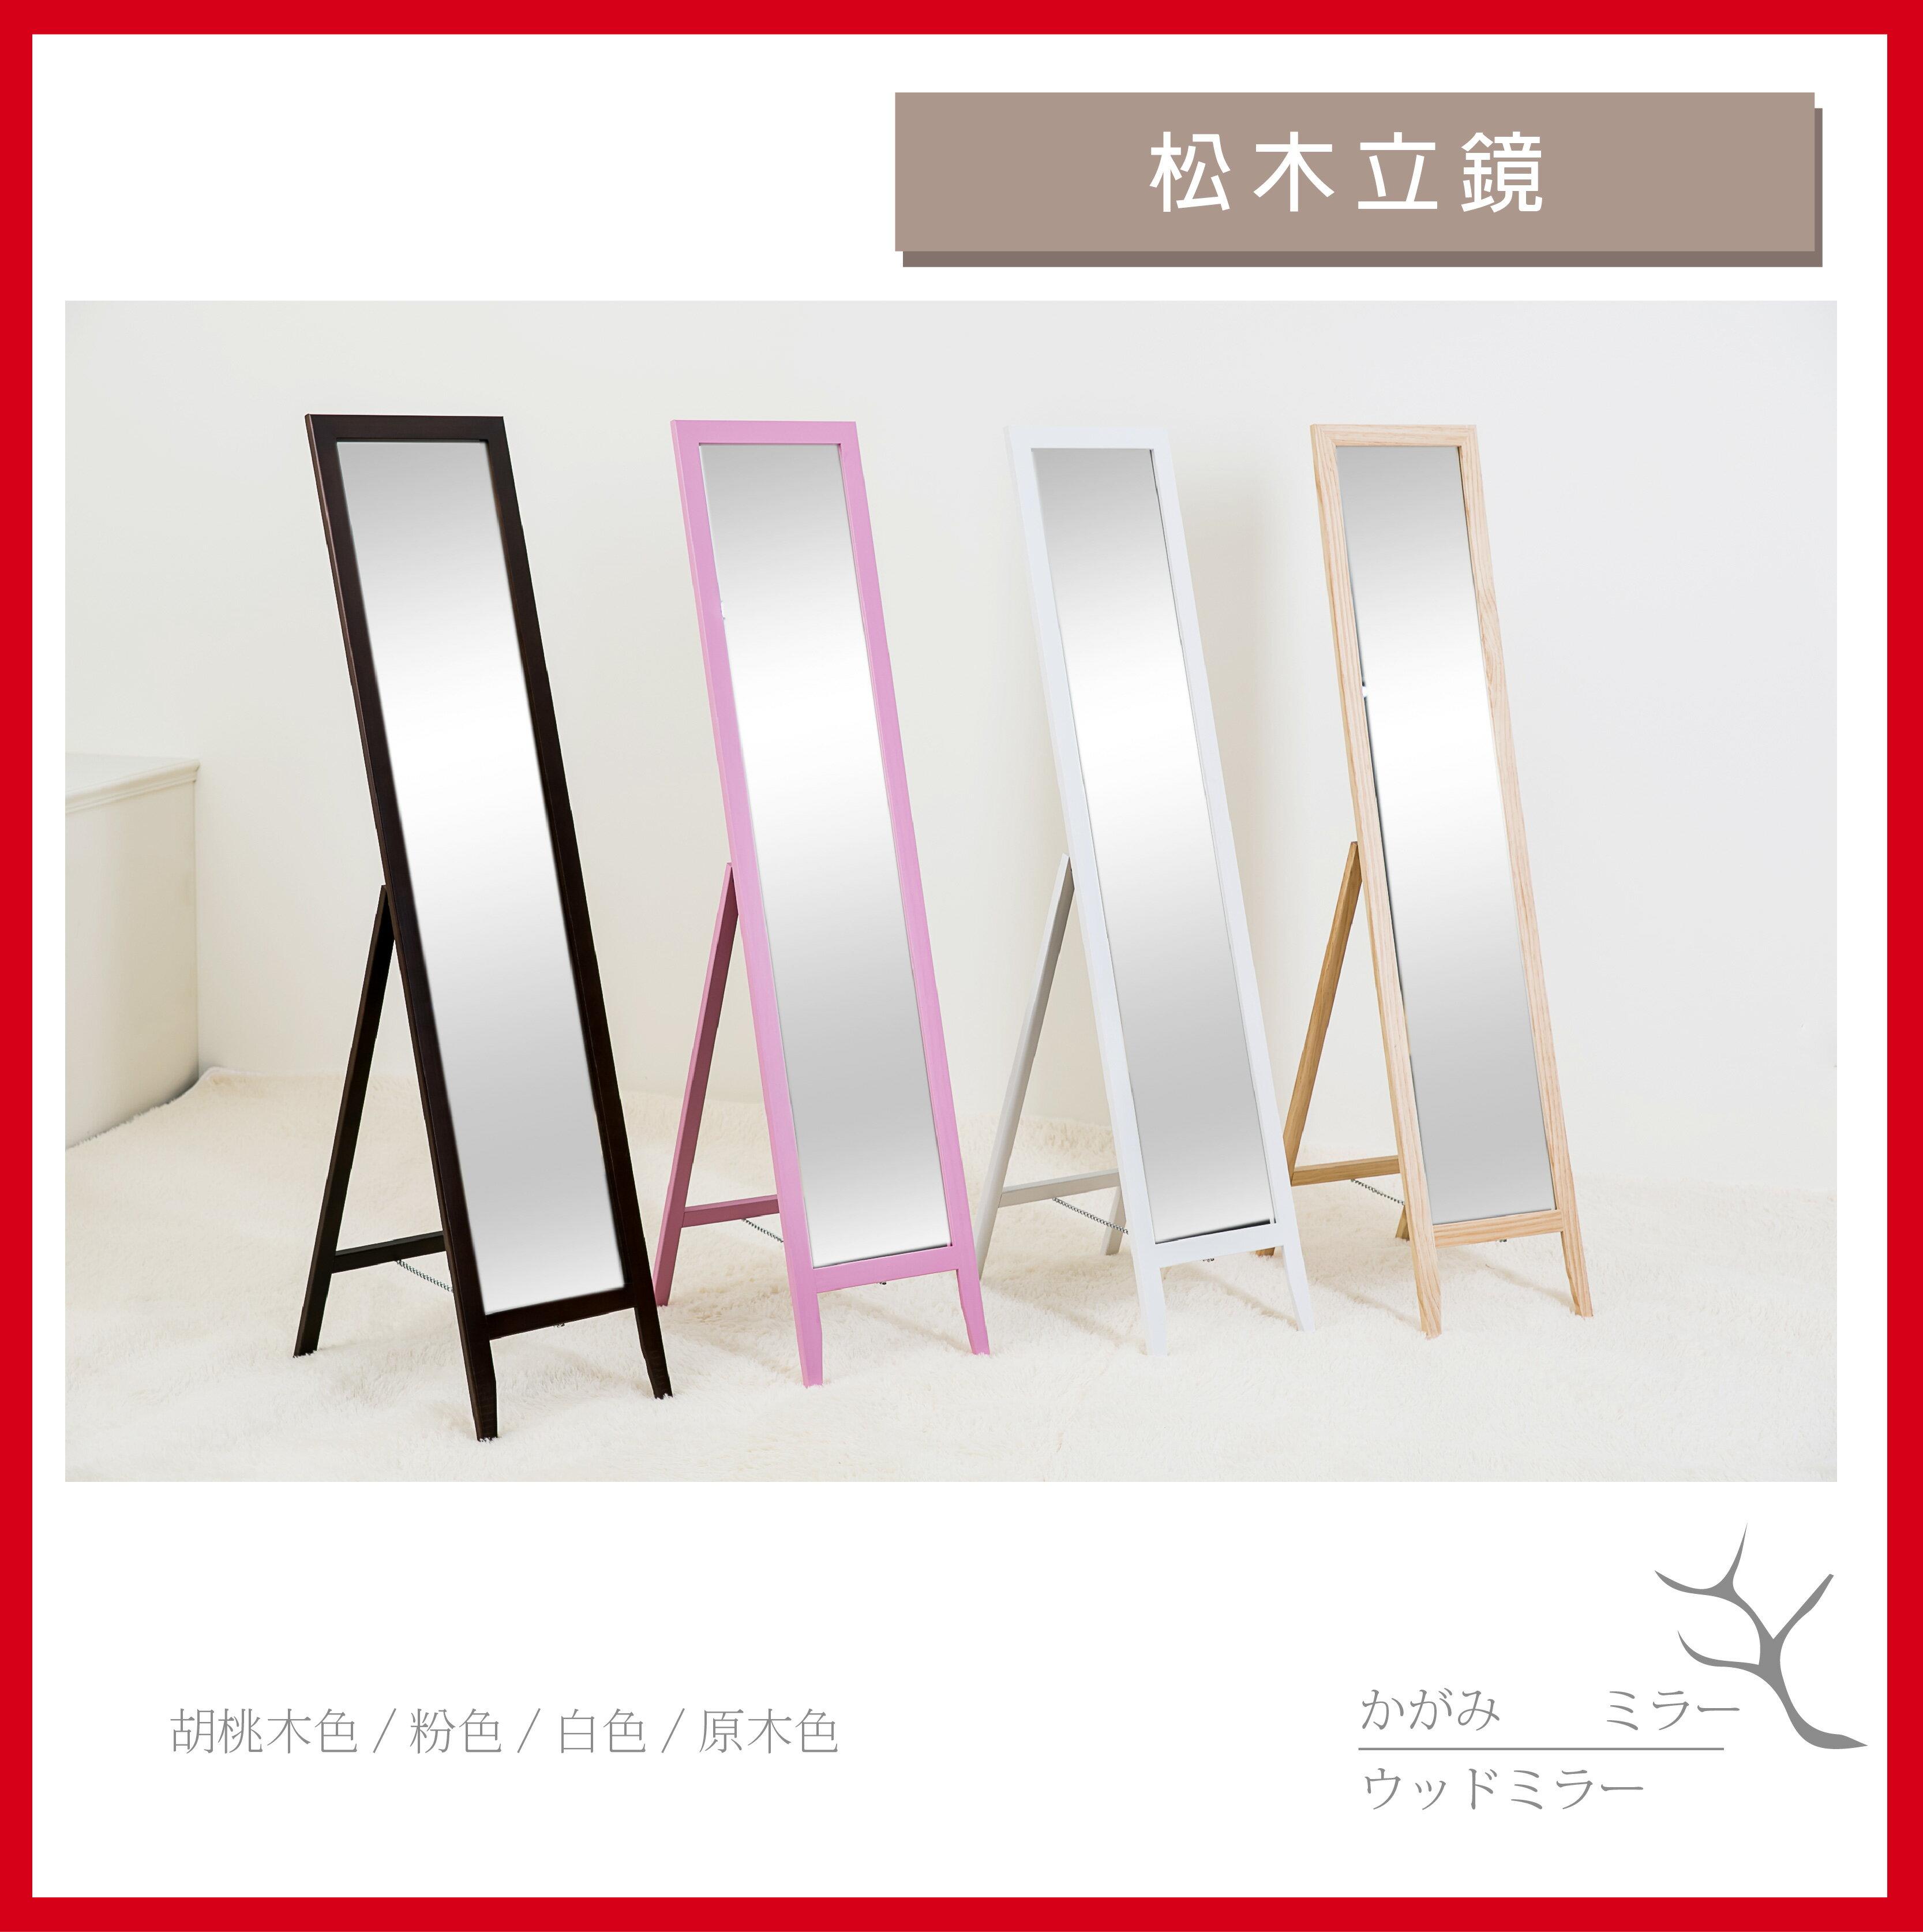 [免運] 三色可選 實木製造 台灣玻璃 實木立鏡 實木穿衣鏡 實木化妝鏡 實木落地鏡 實木全身鏡 立鏡 穿衣鏡 全身鏡